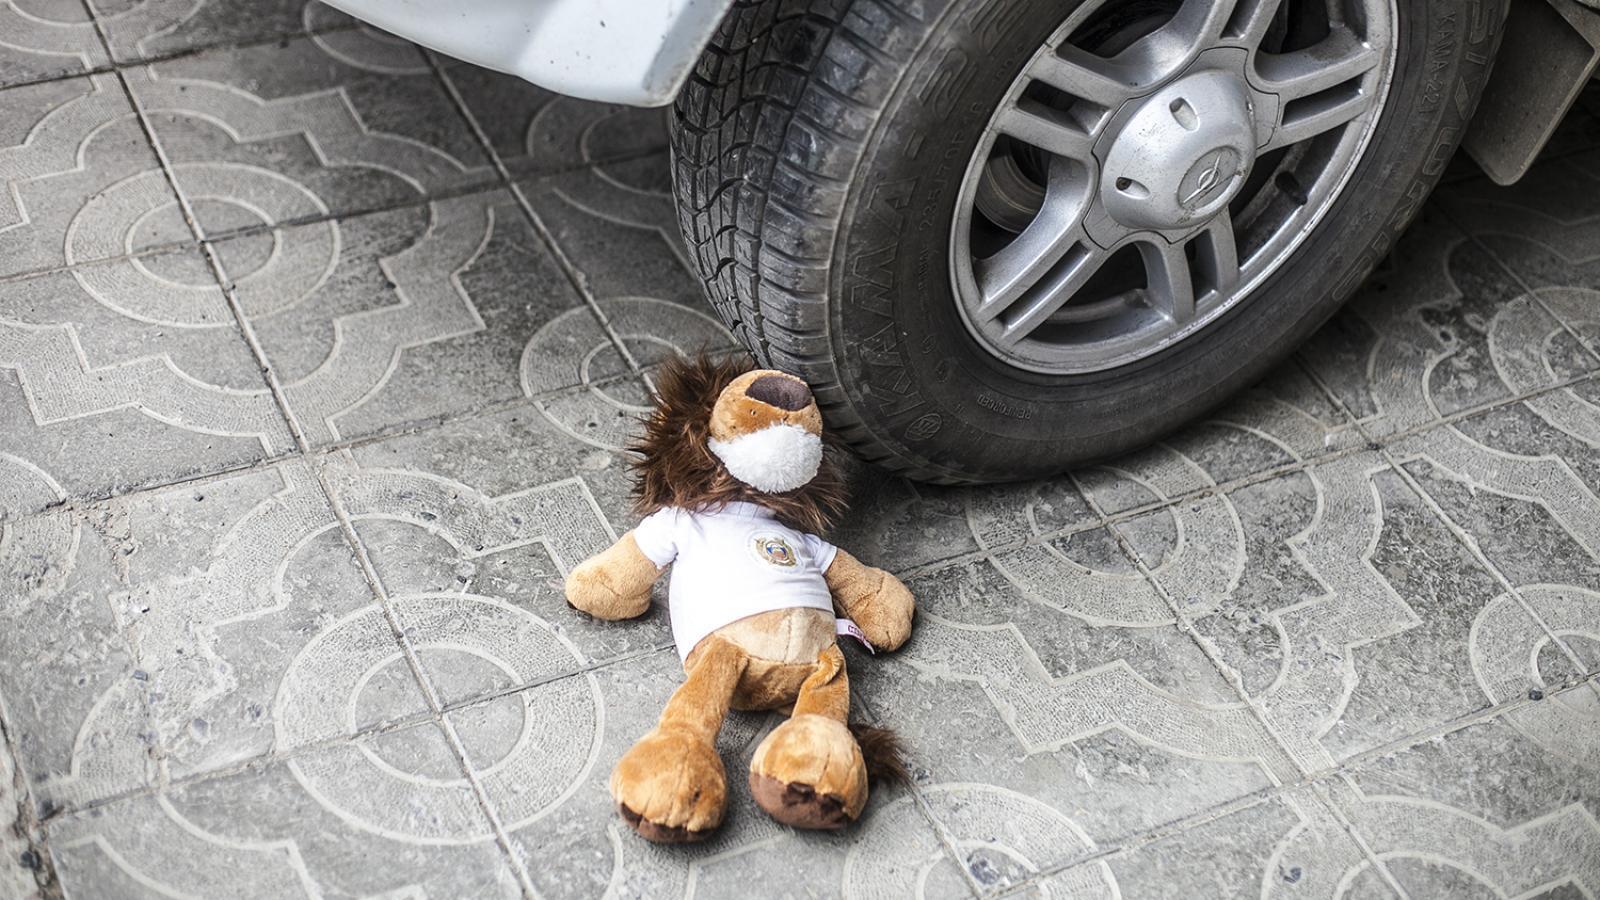 Ребенок выбежал на проезжую часть и попал под машину